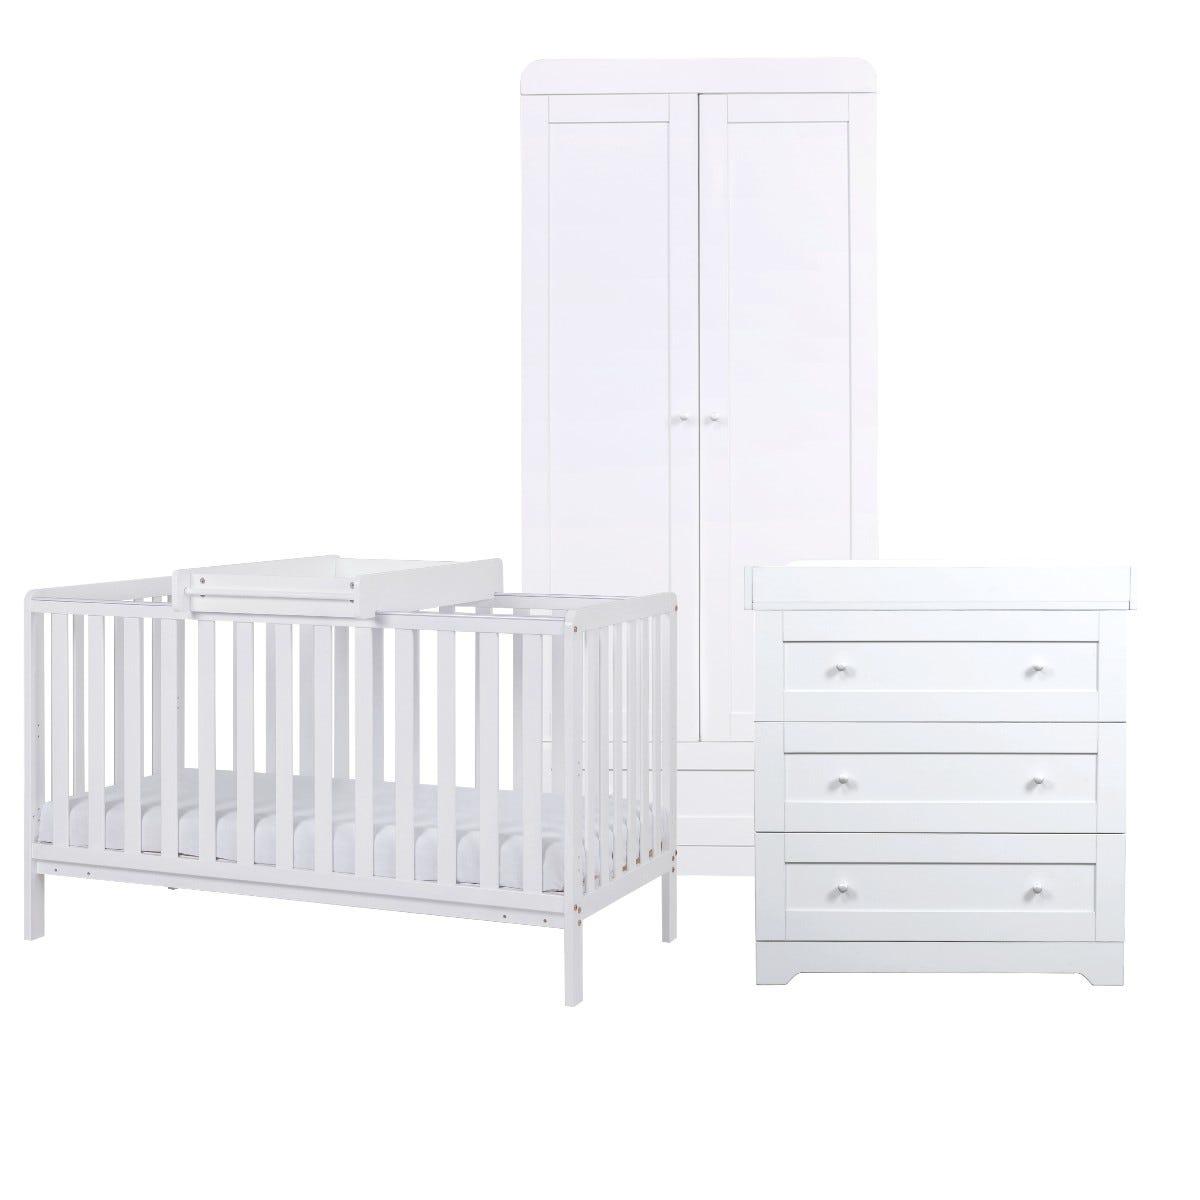 Tutti Bambini Malmo Cot Bed with Rio Furniture 3 Piece Set